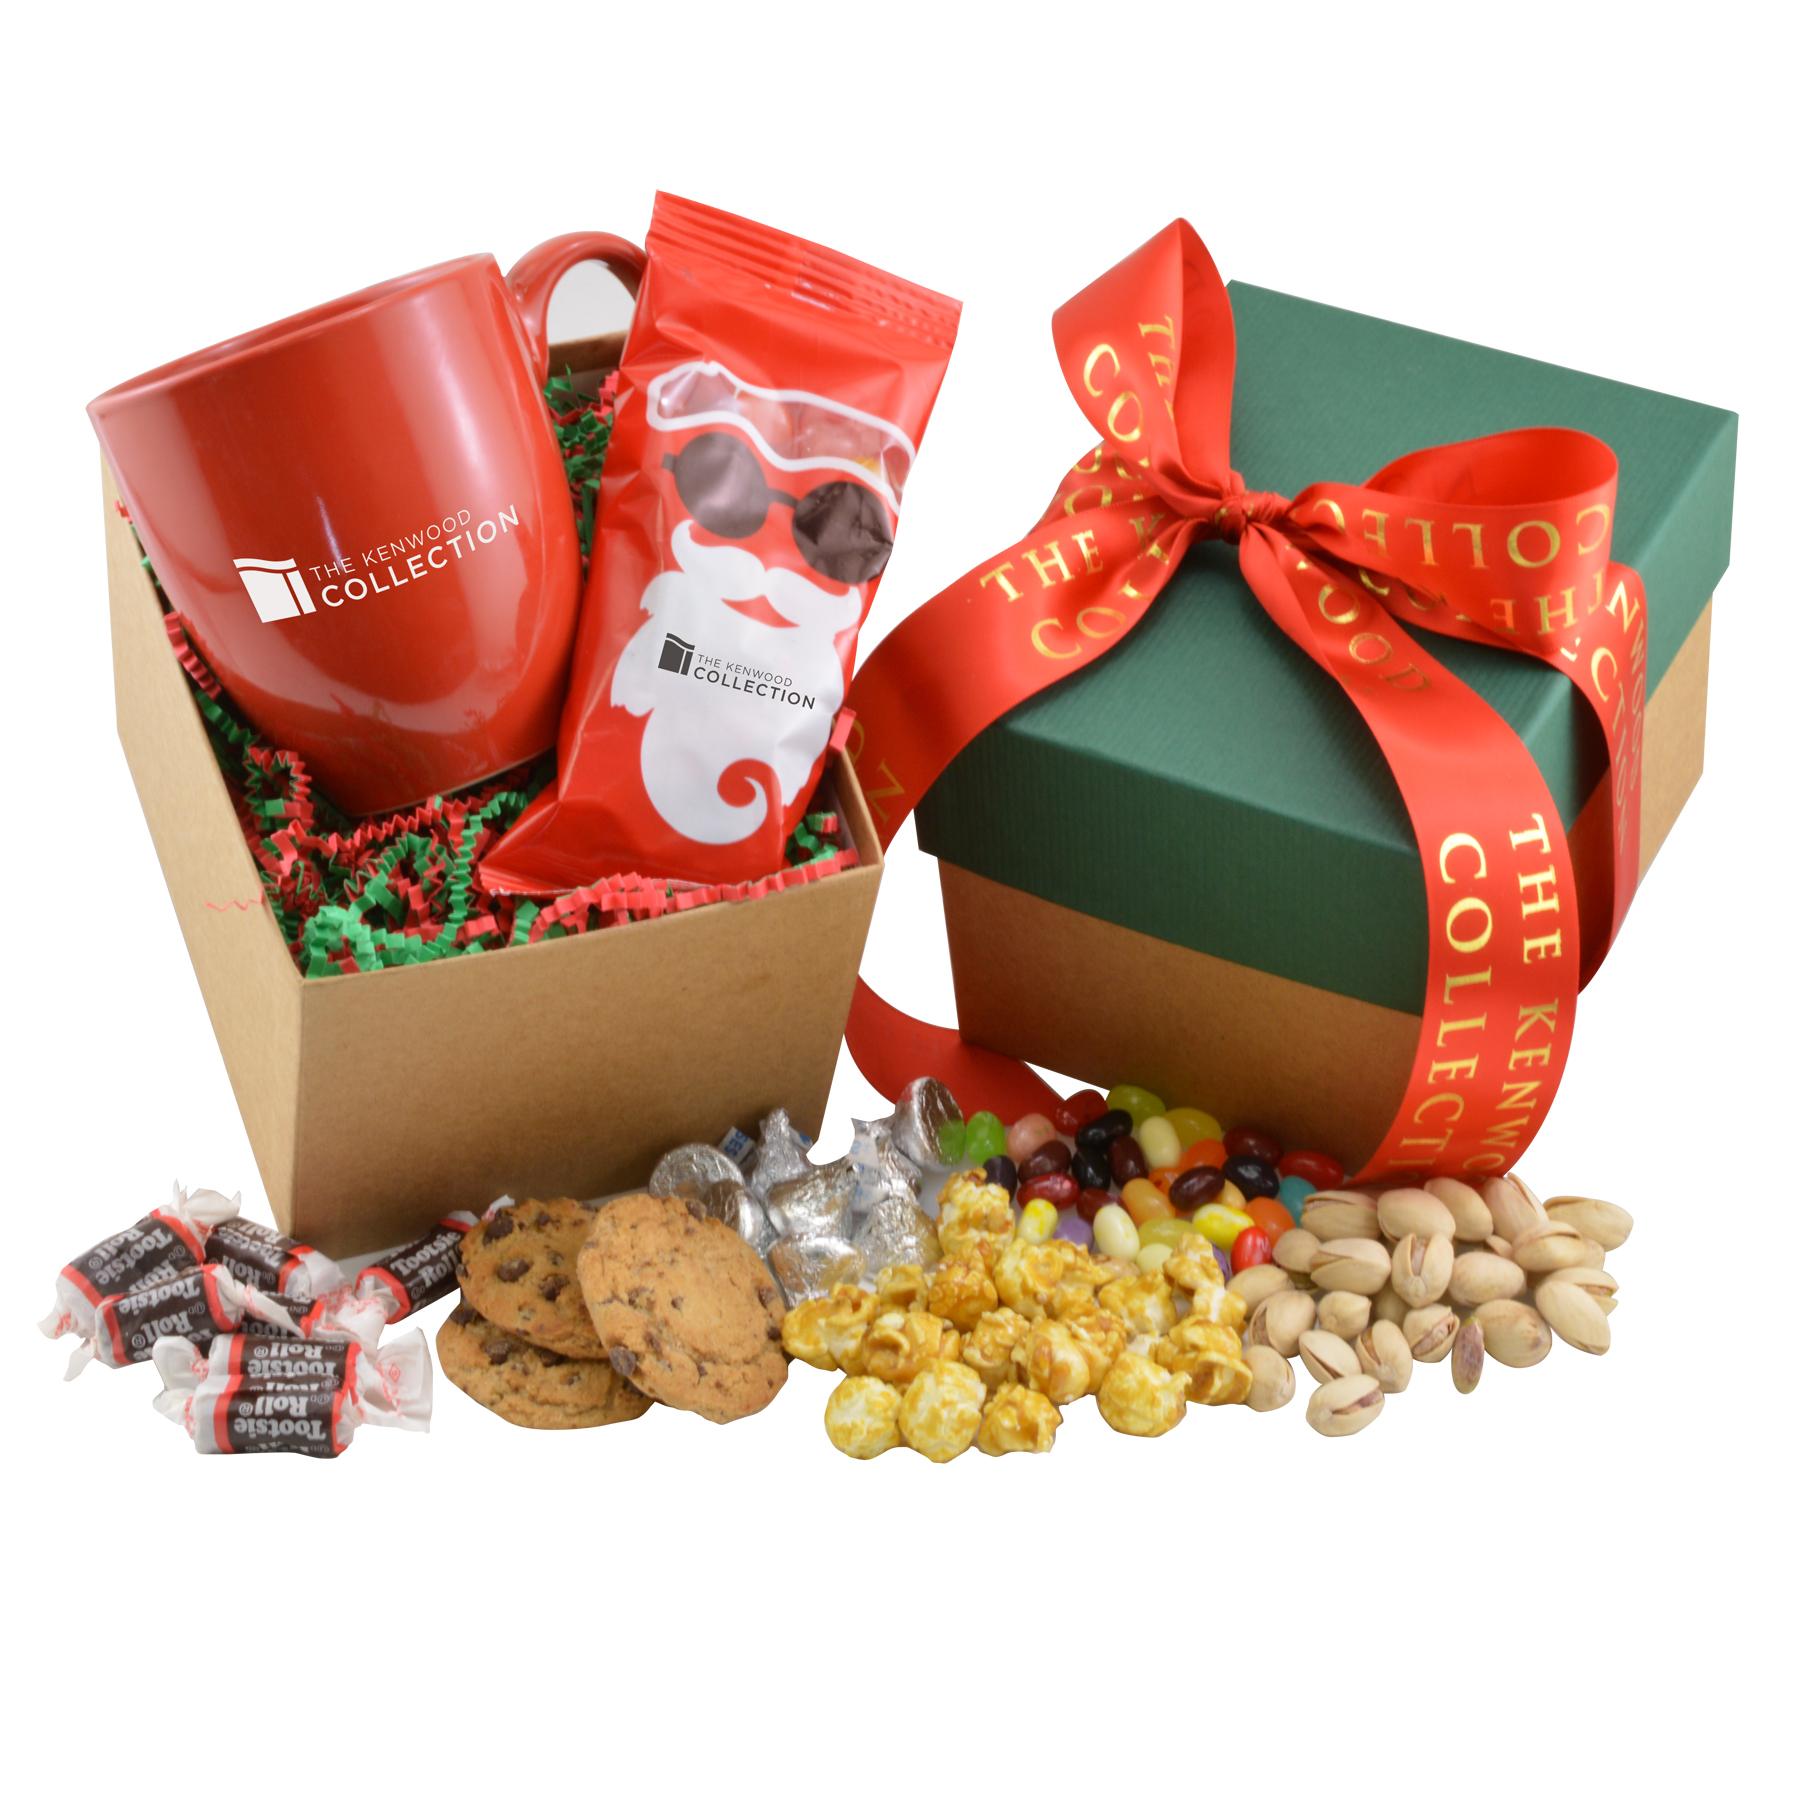 Mug and Tootsie Rolls Gift Box